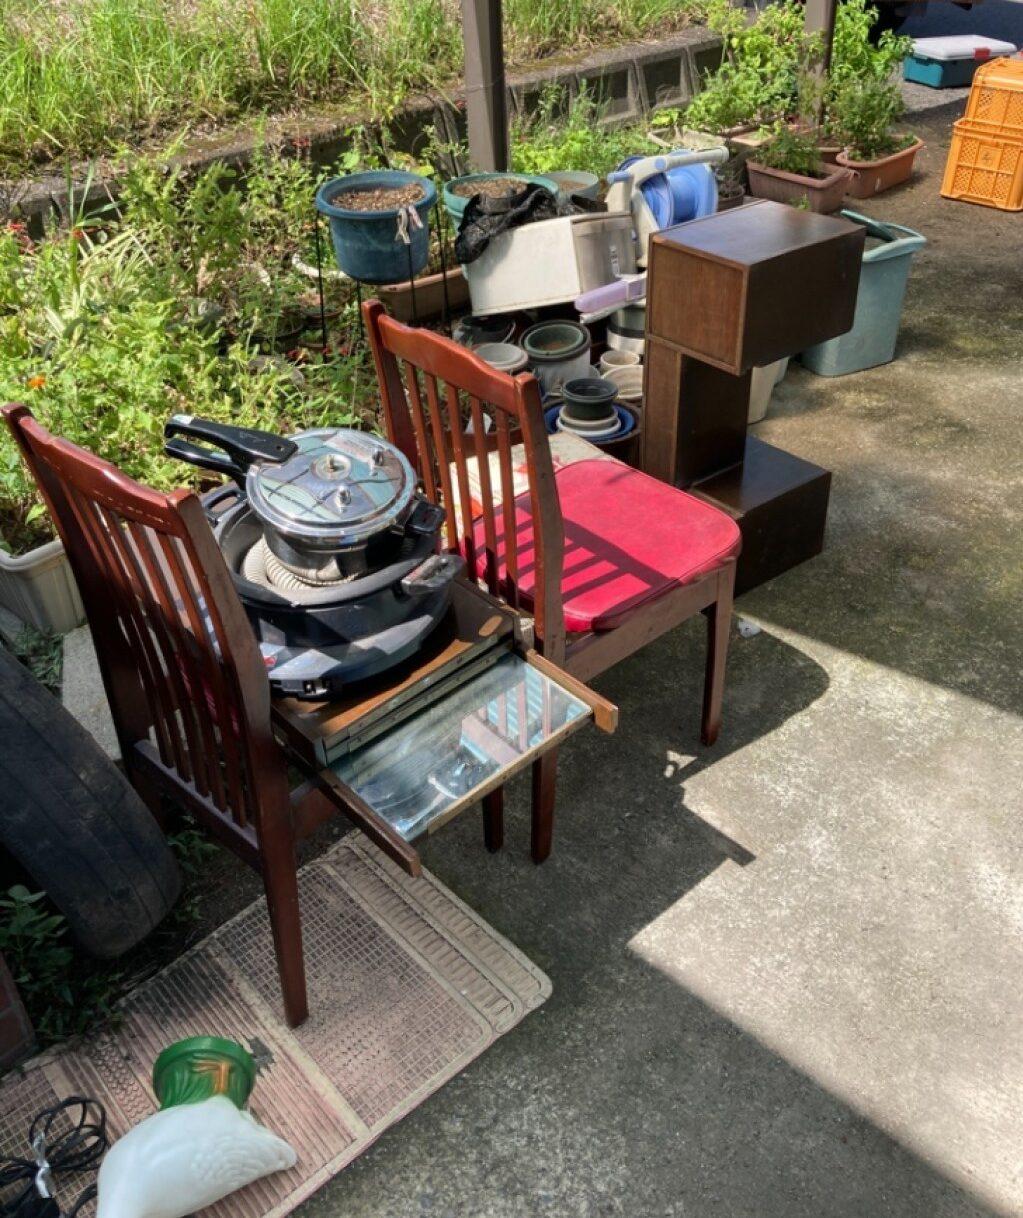 【大分市】テーブル、椅子、タンス、ポリタンク、調理器具等の回収